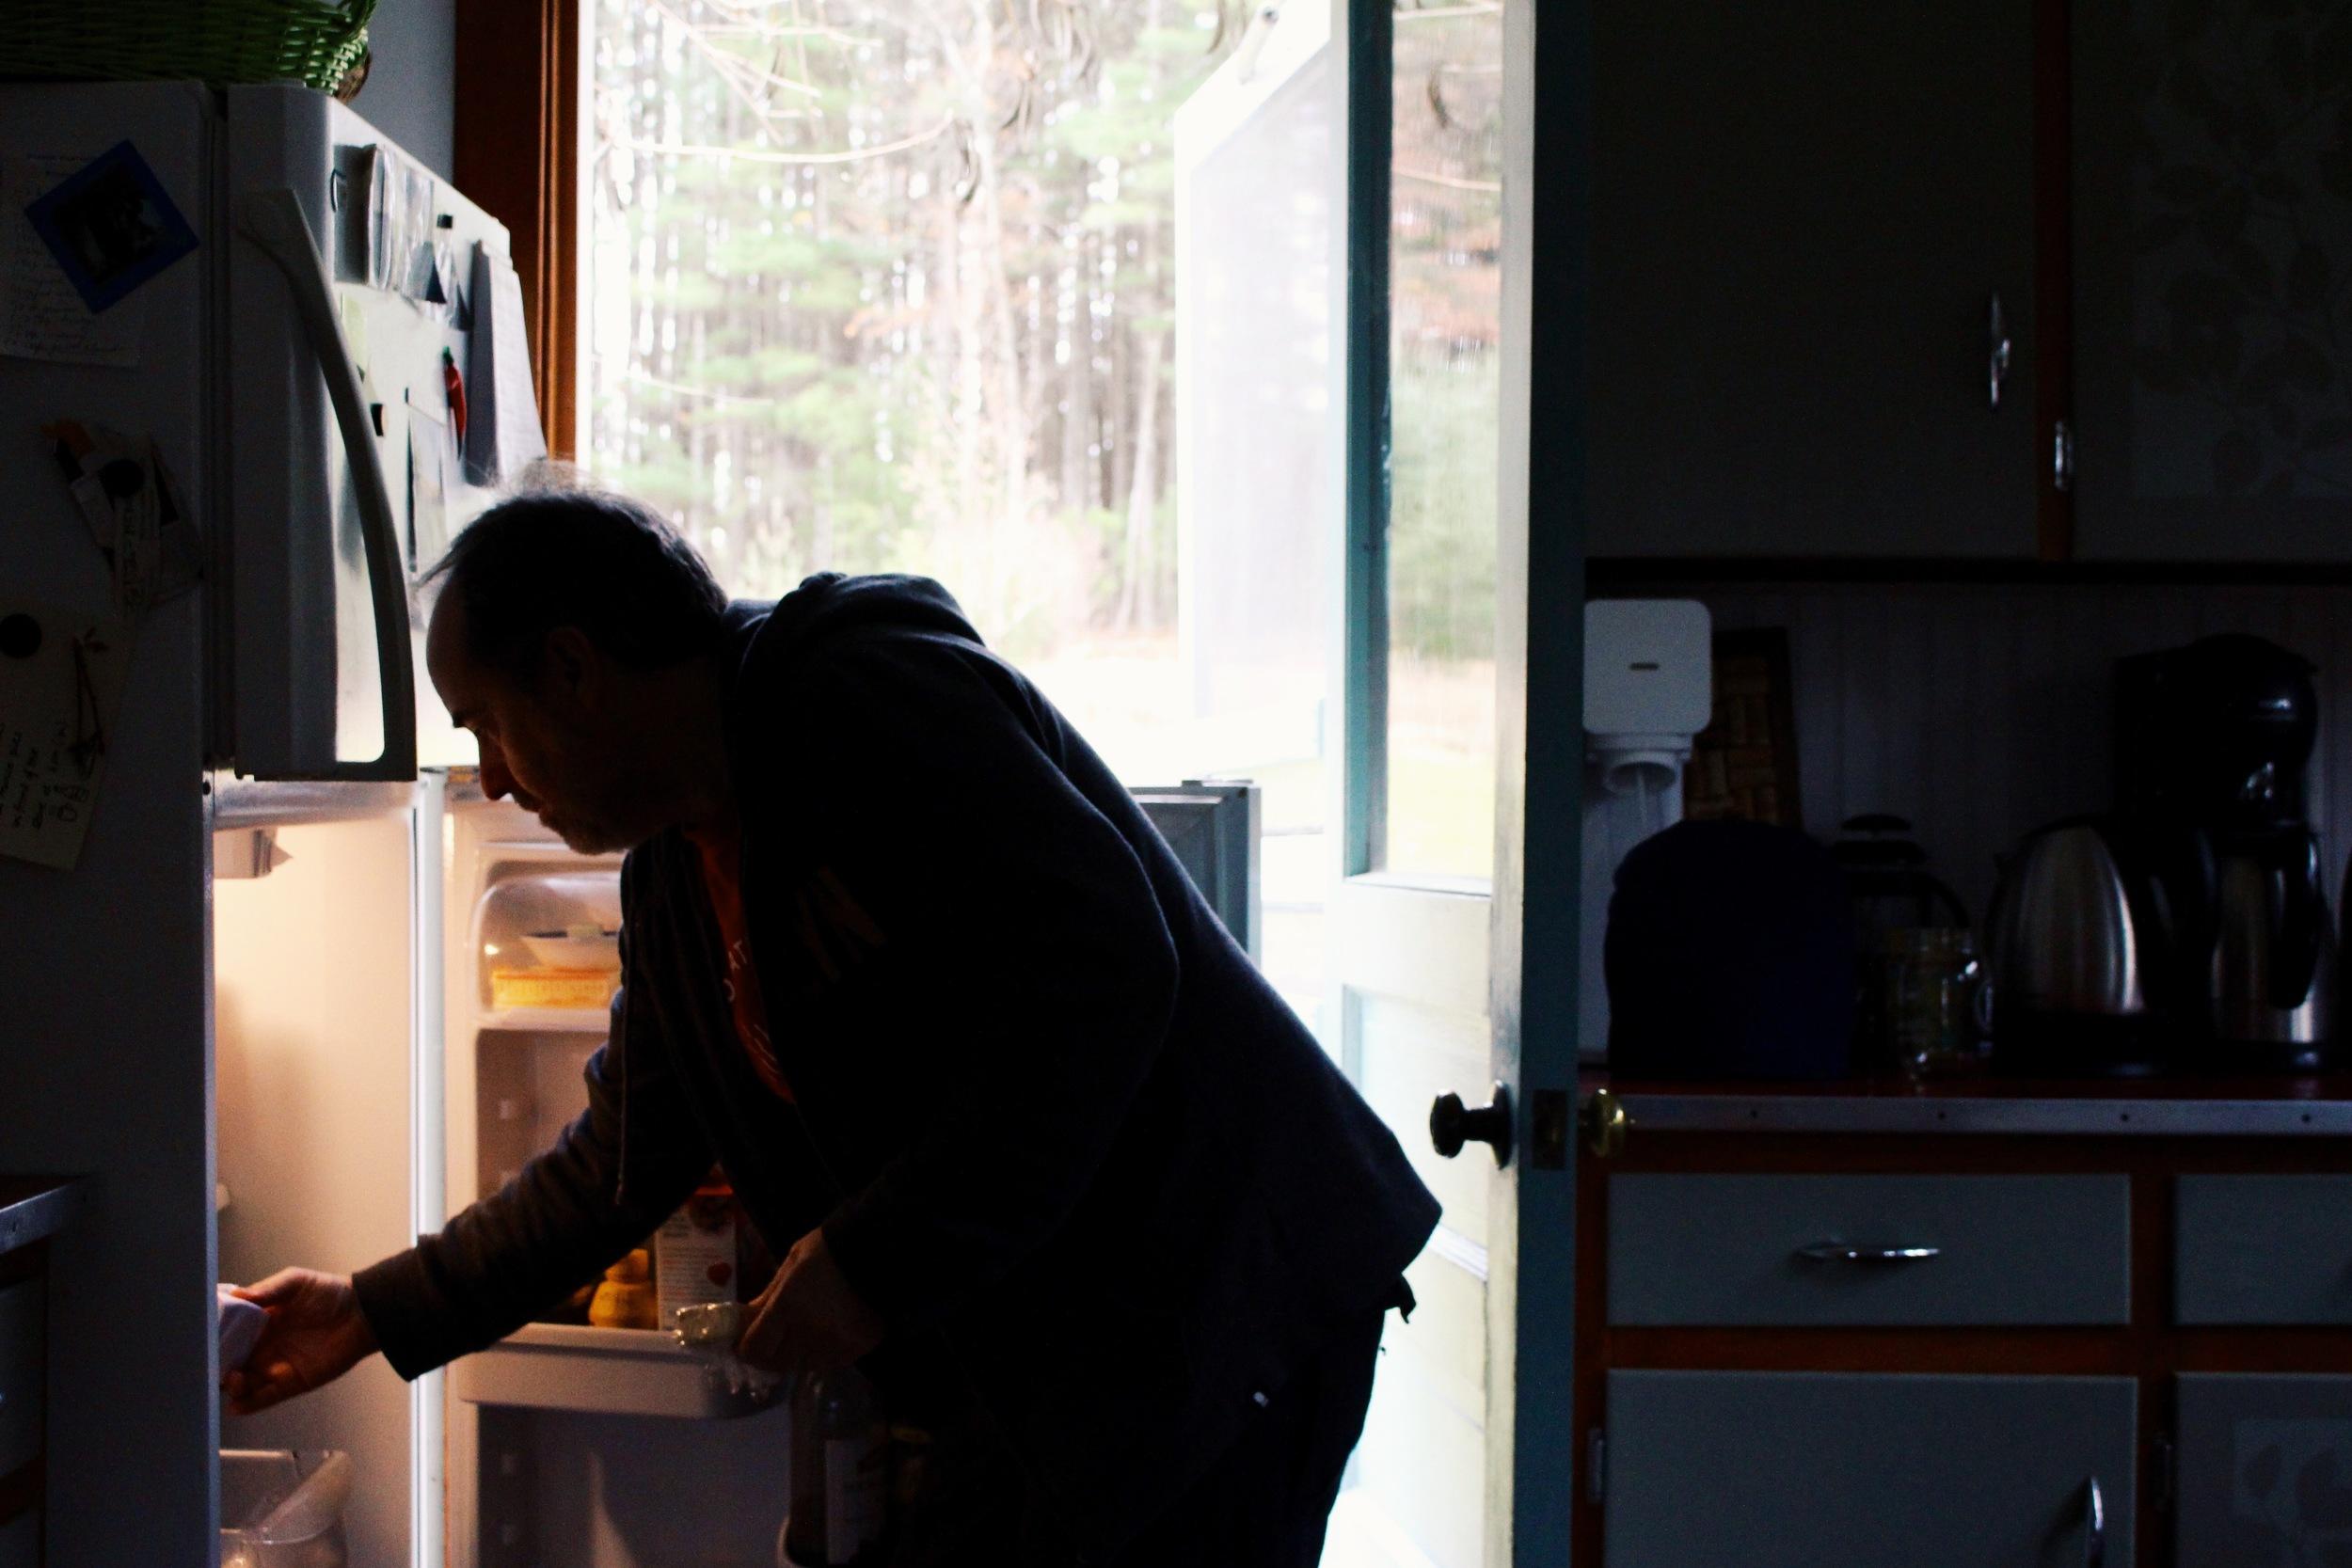 Steve in the fridge